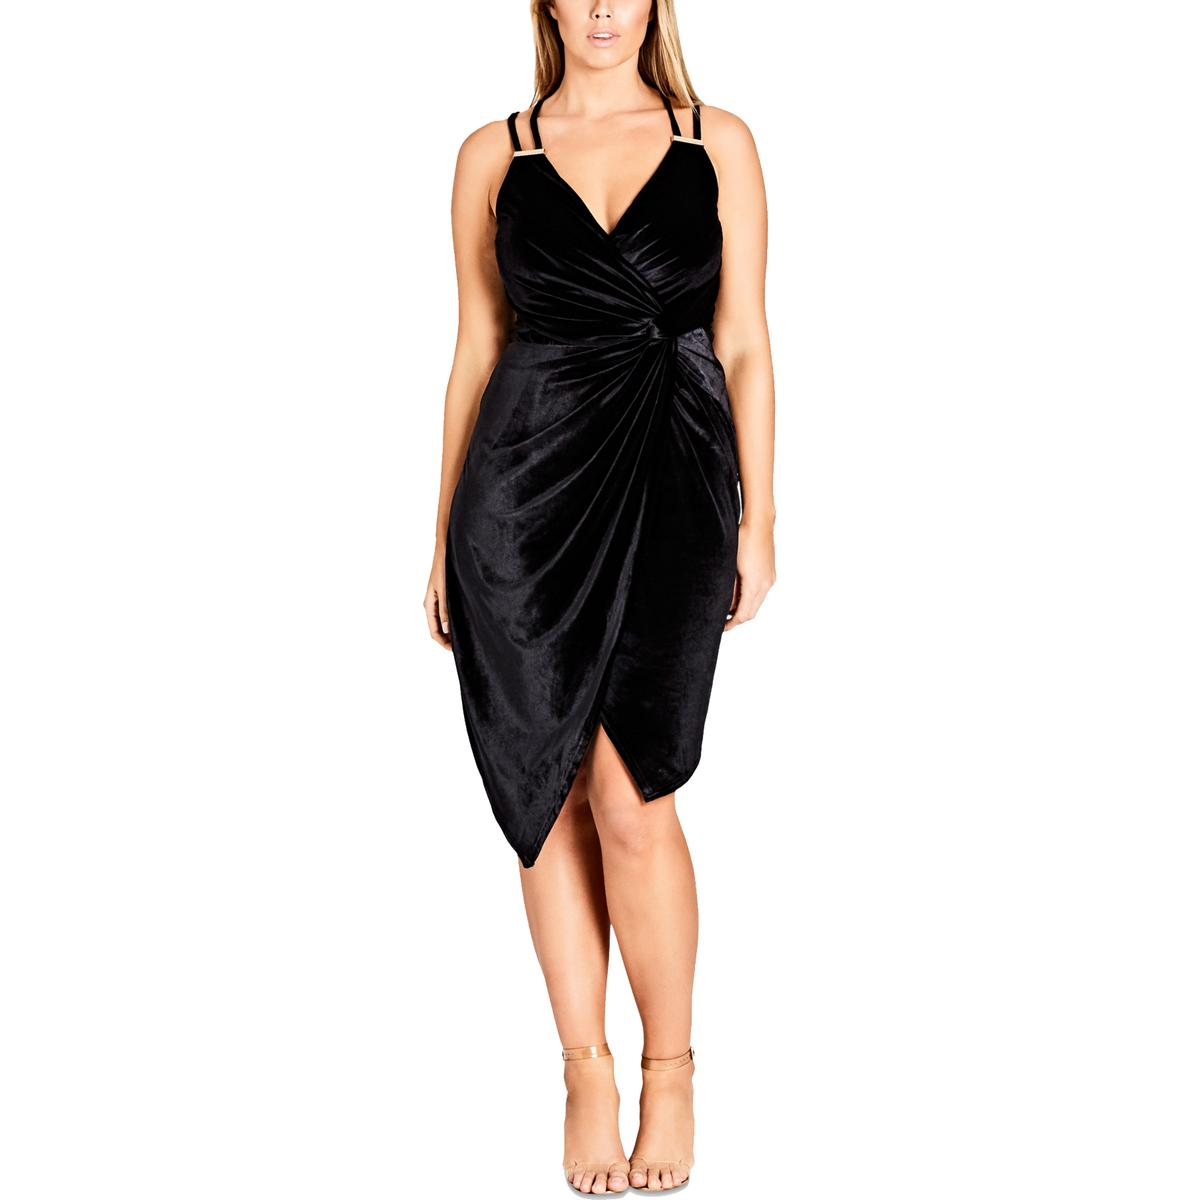 Details about City Chic Womens Black Velvet Surplice Cocktail Dress Plus 20  L BHFO 6036 26f6e5043